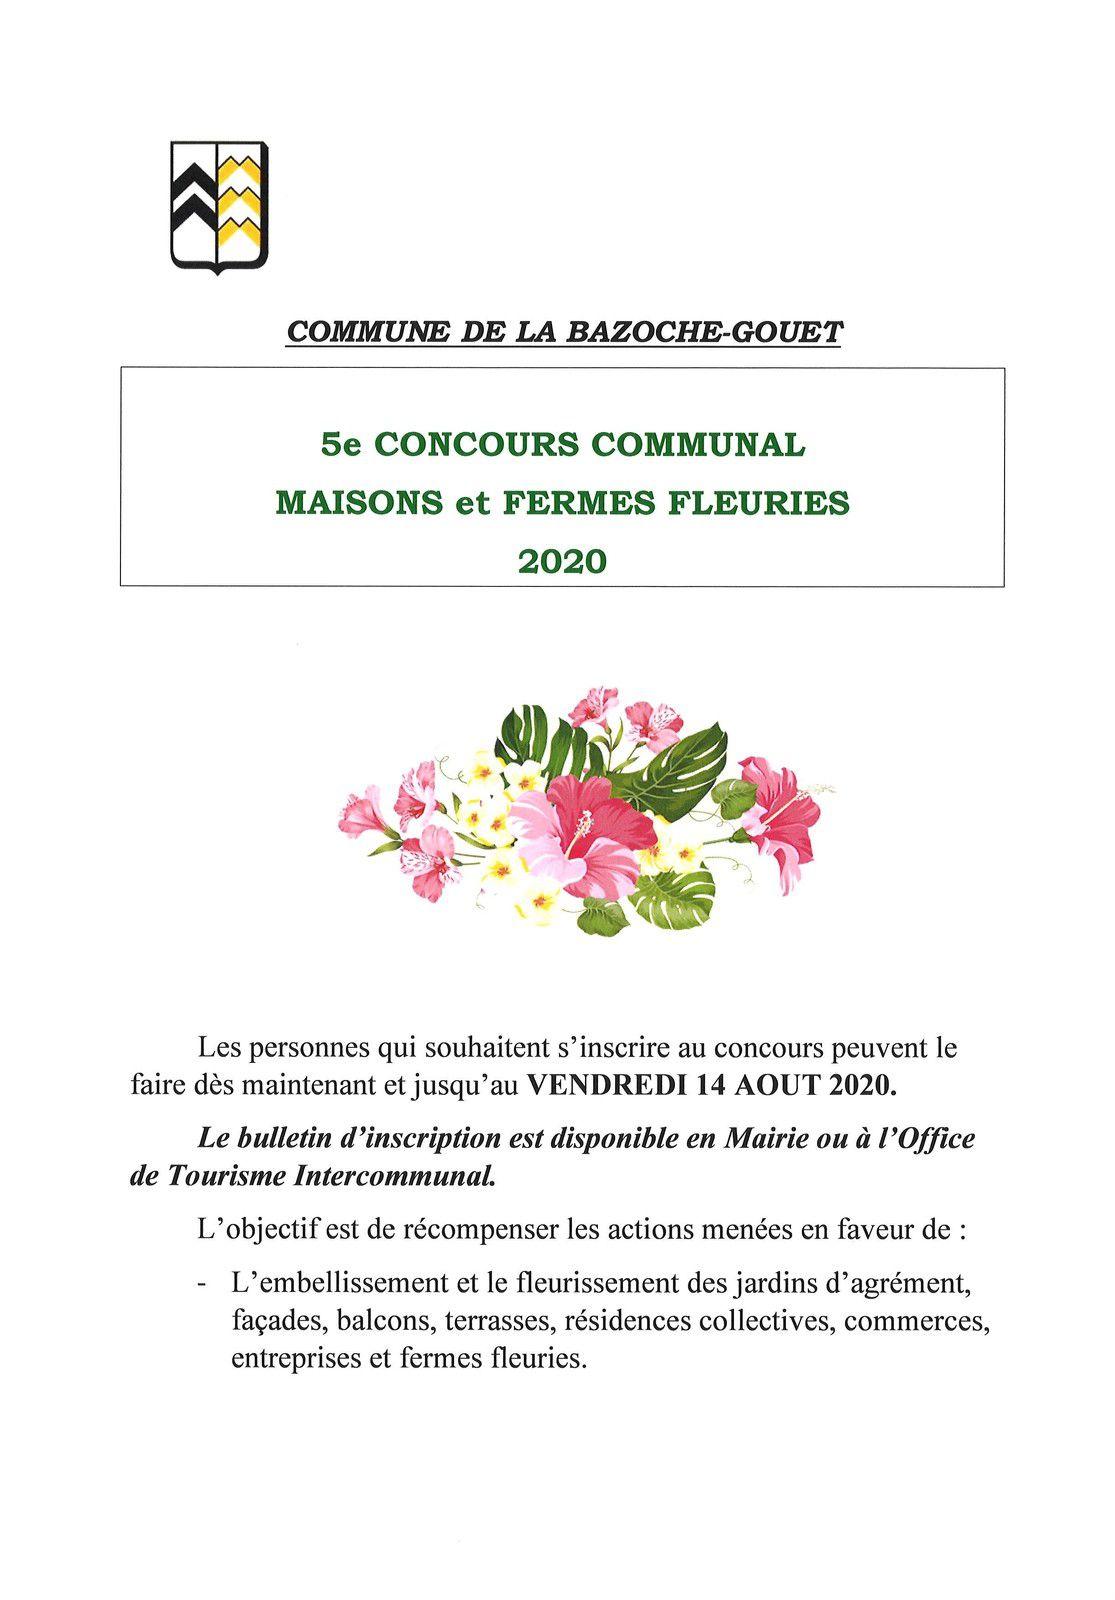 5ème CONCOURS COMMUNAL DES MAISONS ET FERMES FLEURIES